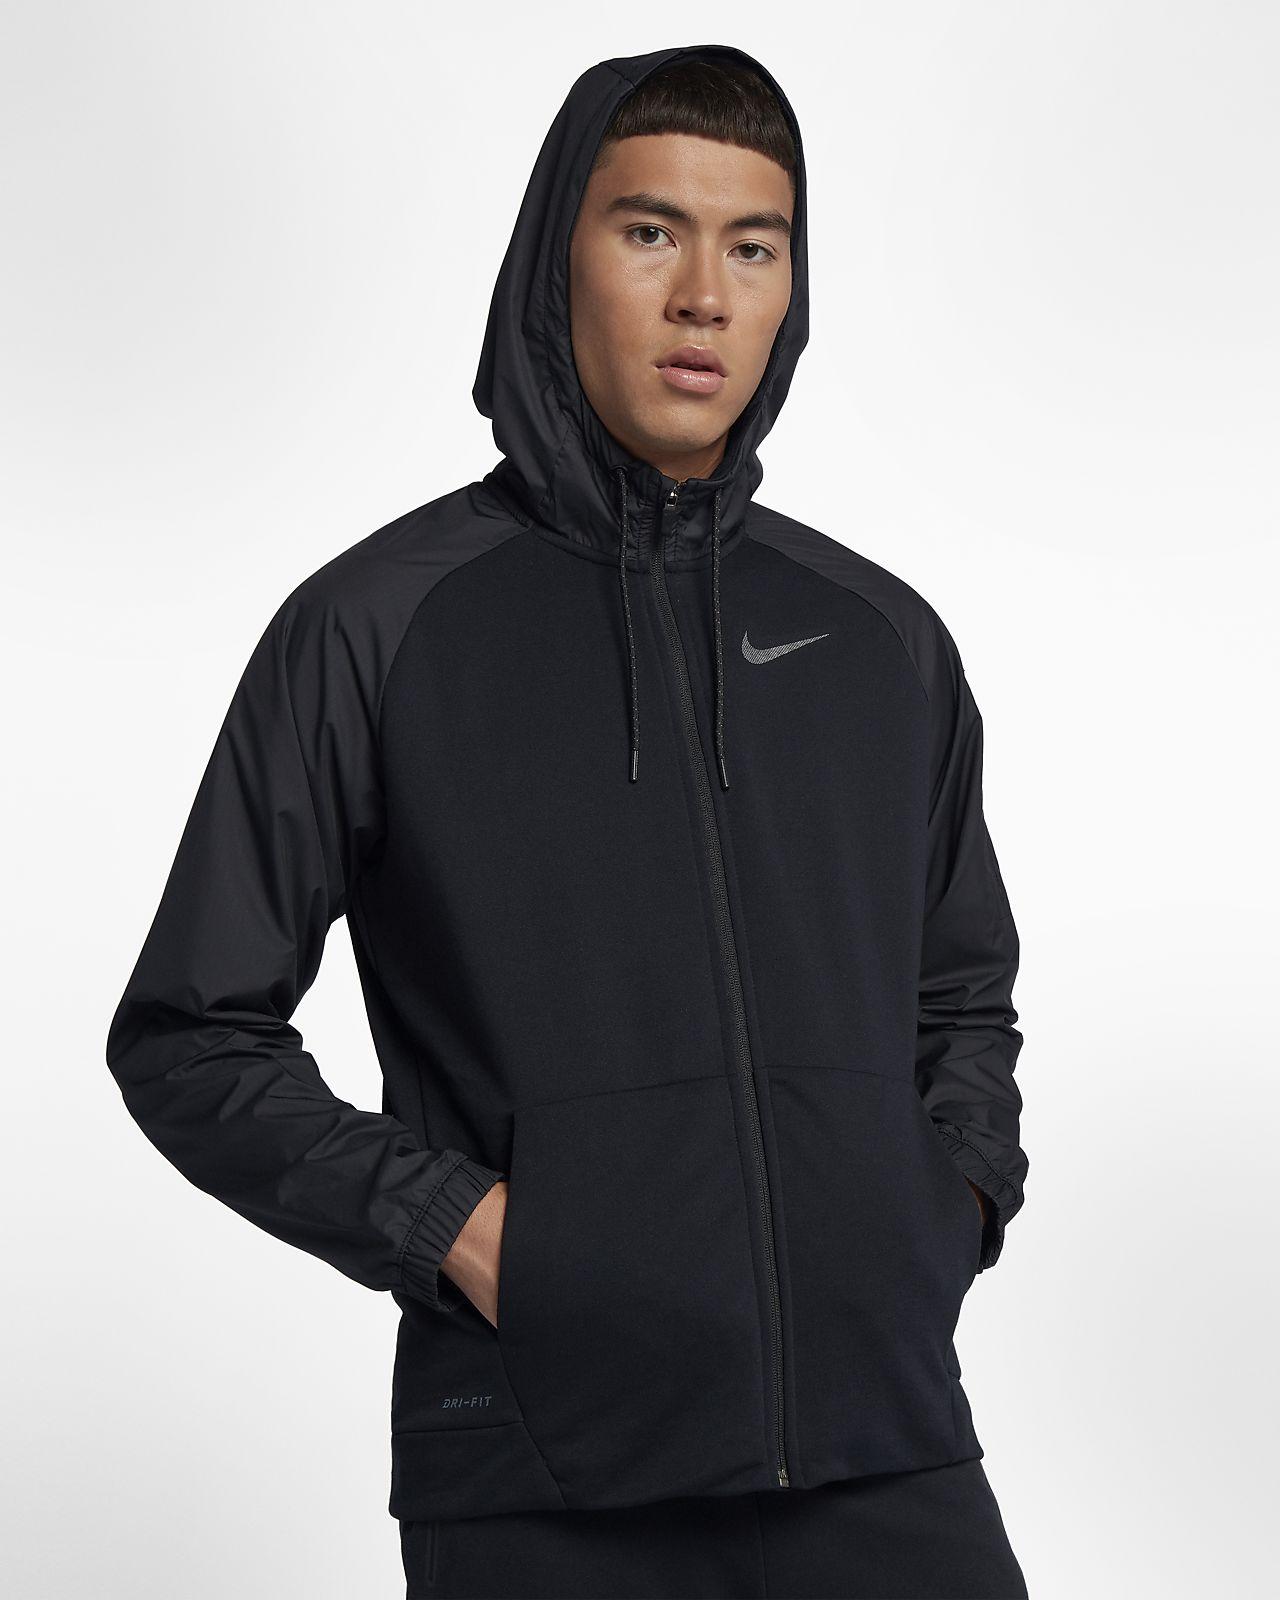 Nike Dri-FIT Dessuadora amb caputxa i cremallera completa funcional d'entrenament - Home